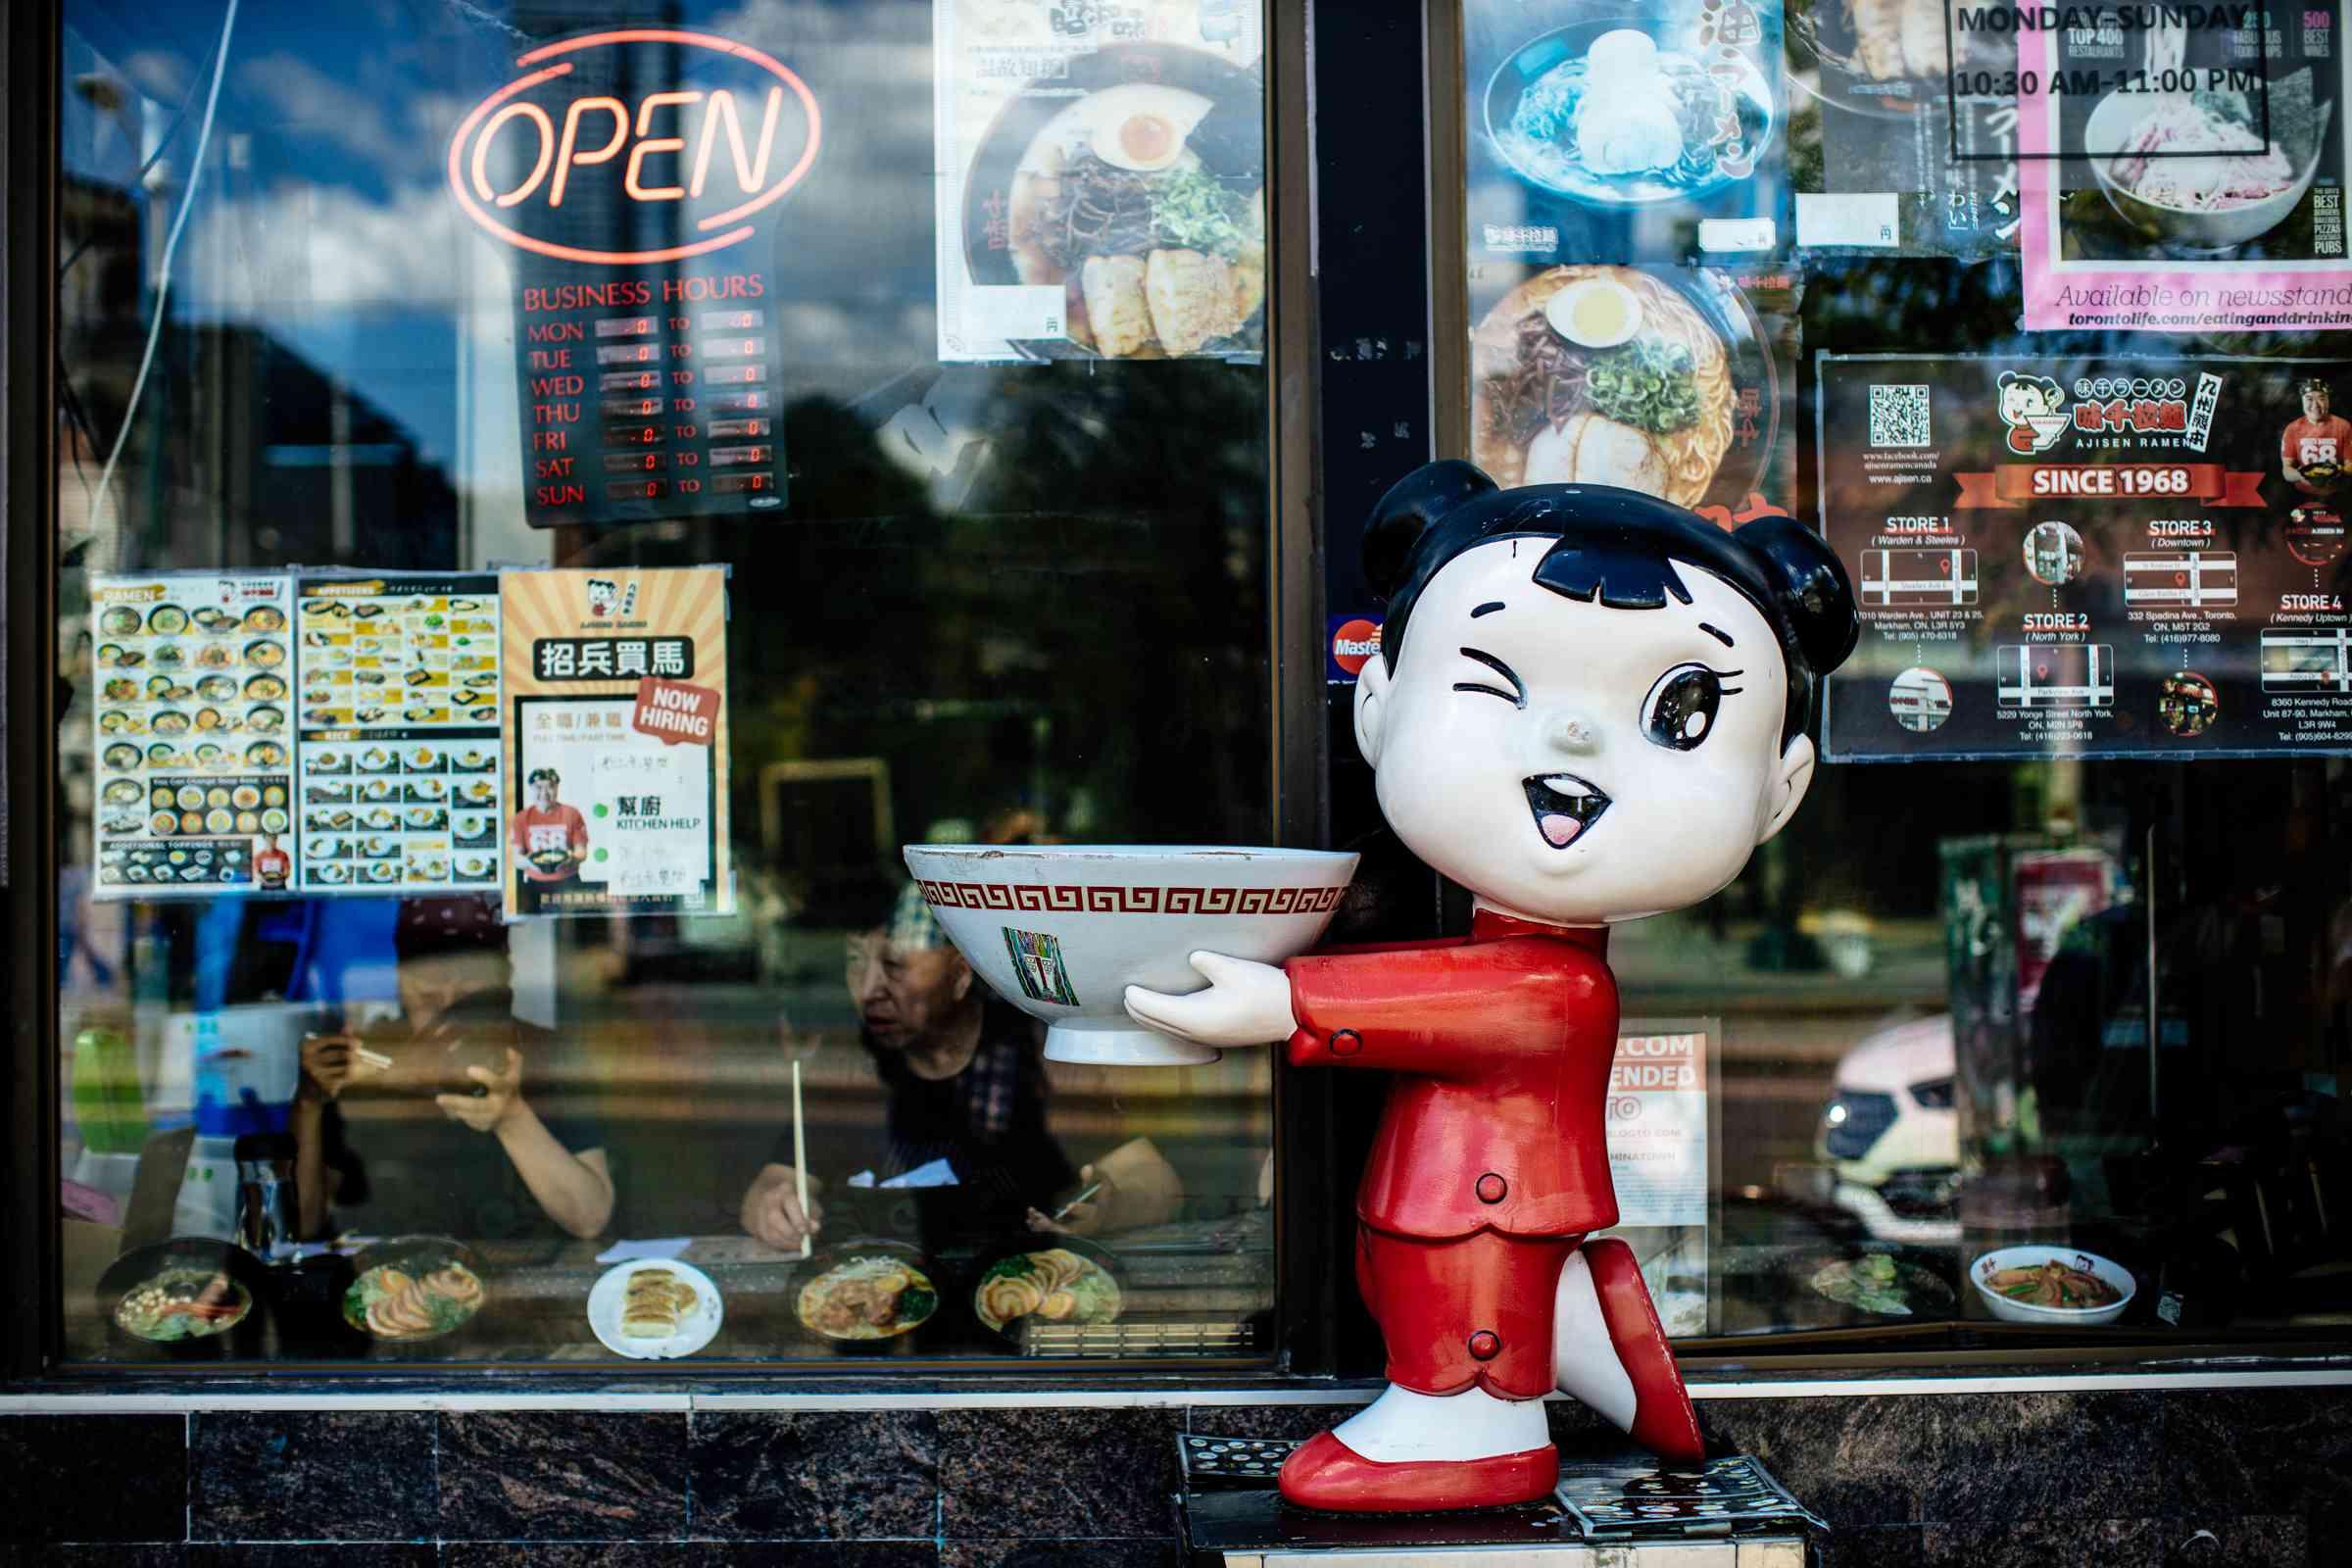 Chinatown in Toronto